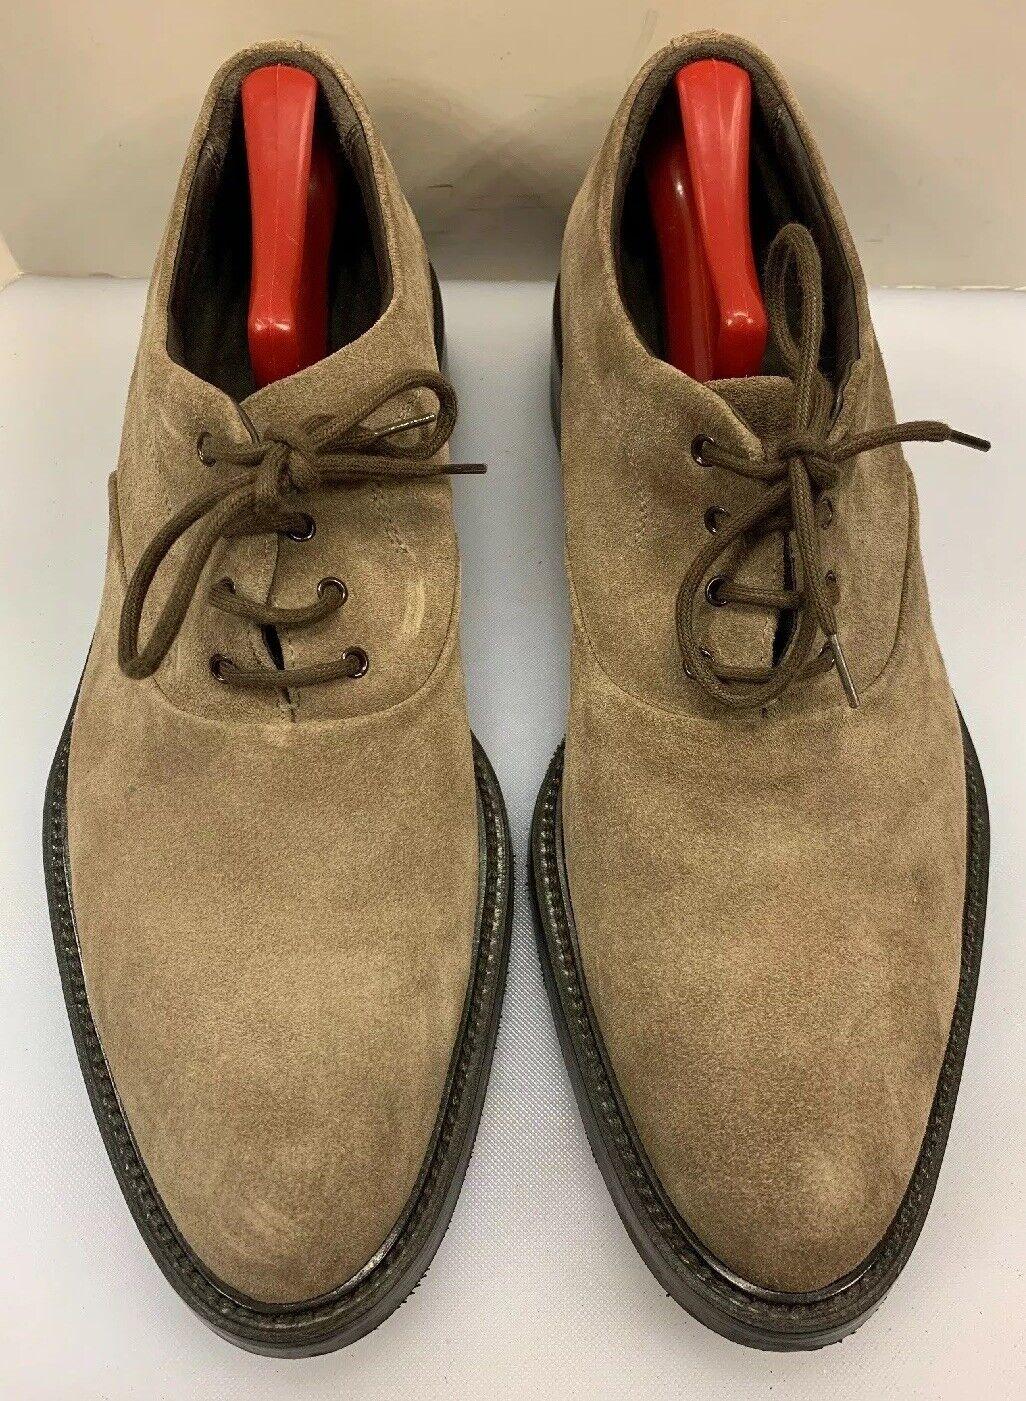 Giorgio Armani Men 11.5 US 44.5 EU Plain Toe Oxfords shoes Brown Suede  Made